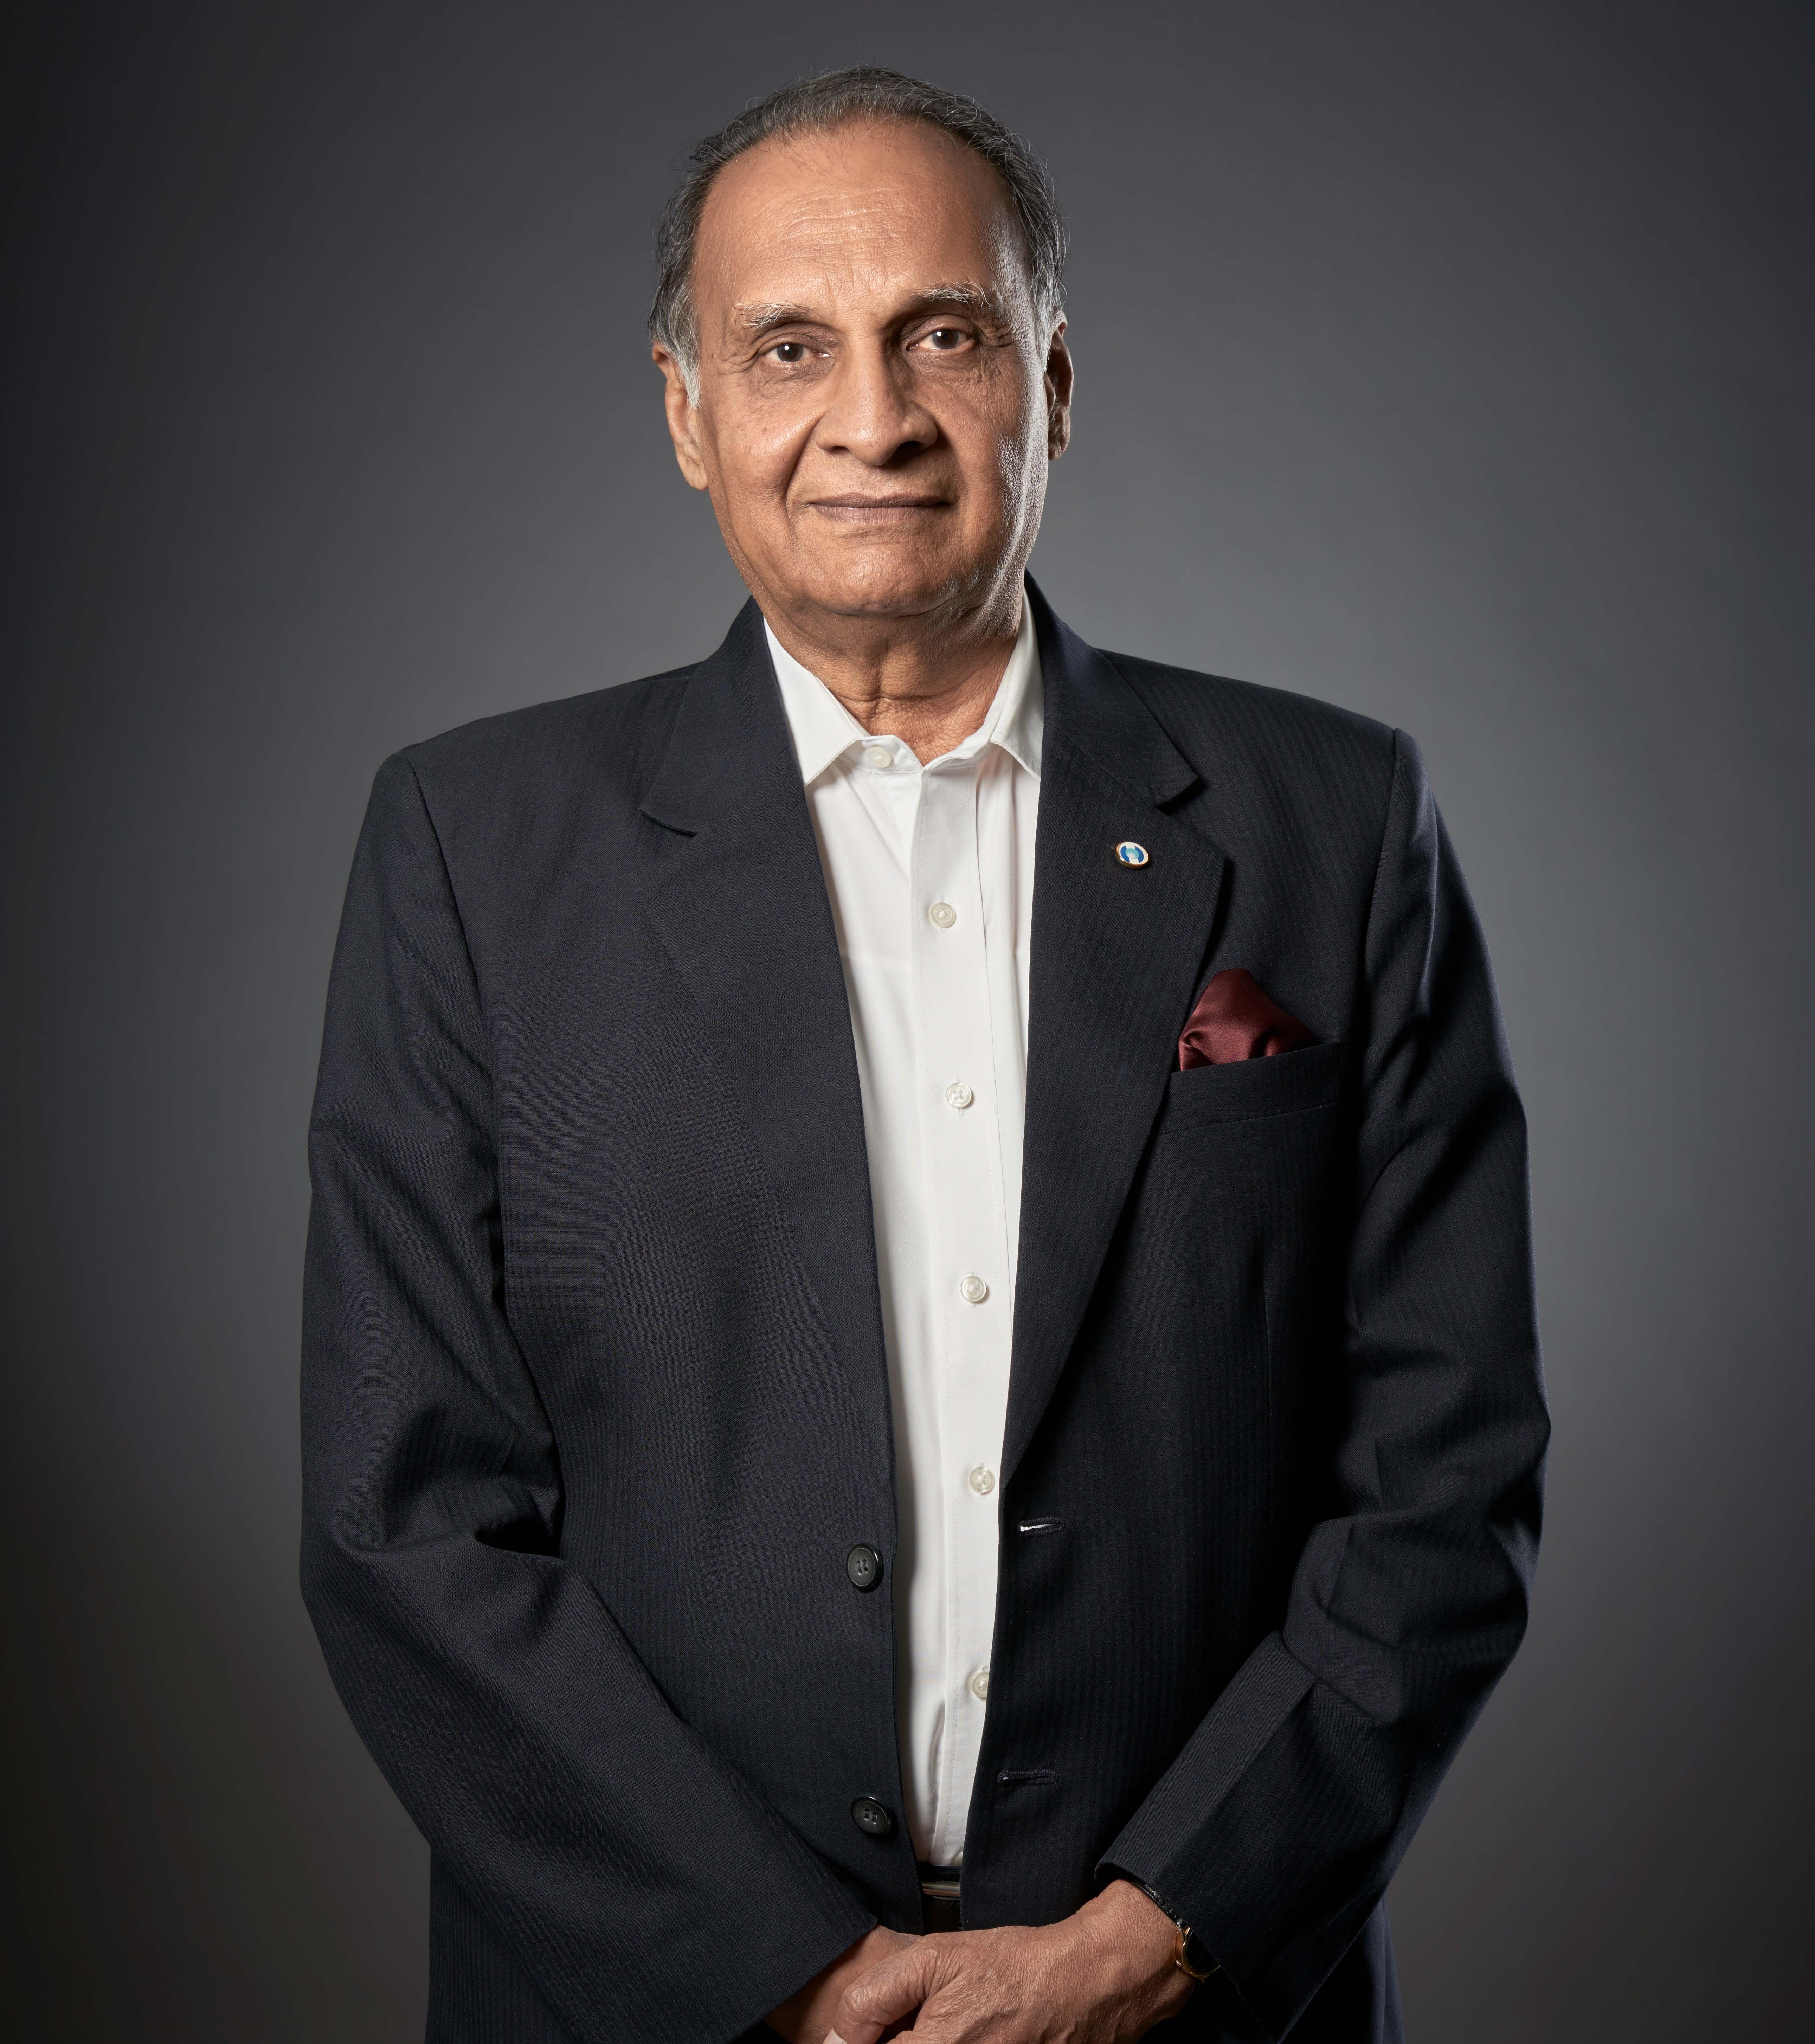 Dr. Goverdhan Mehta